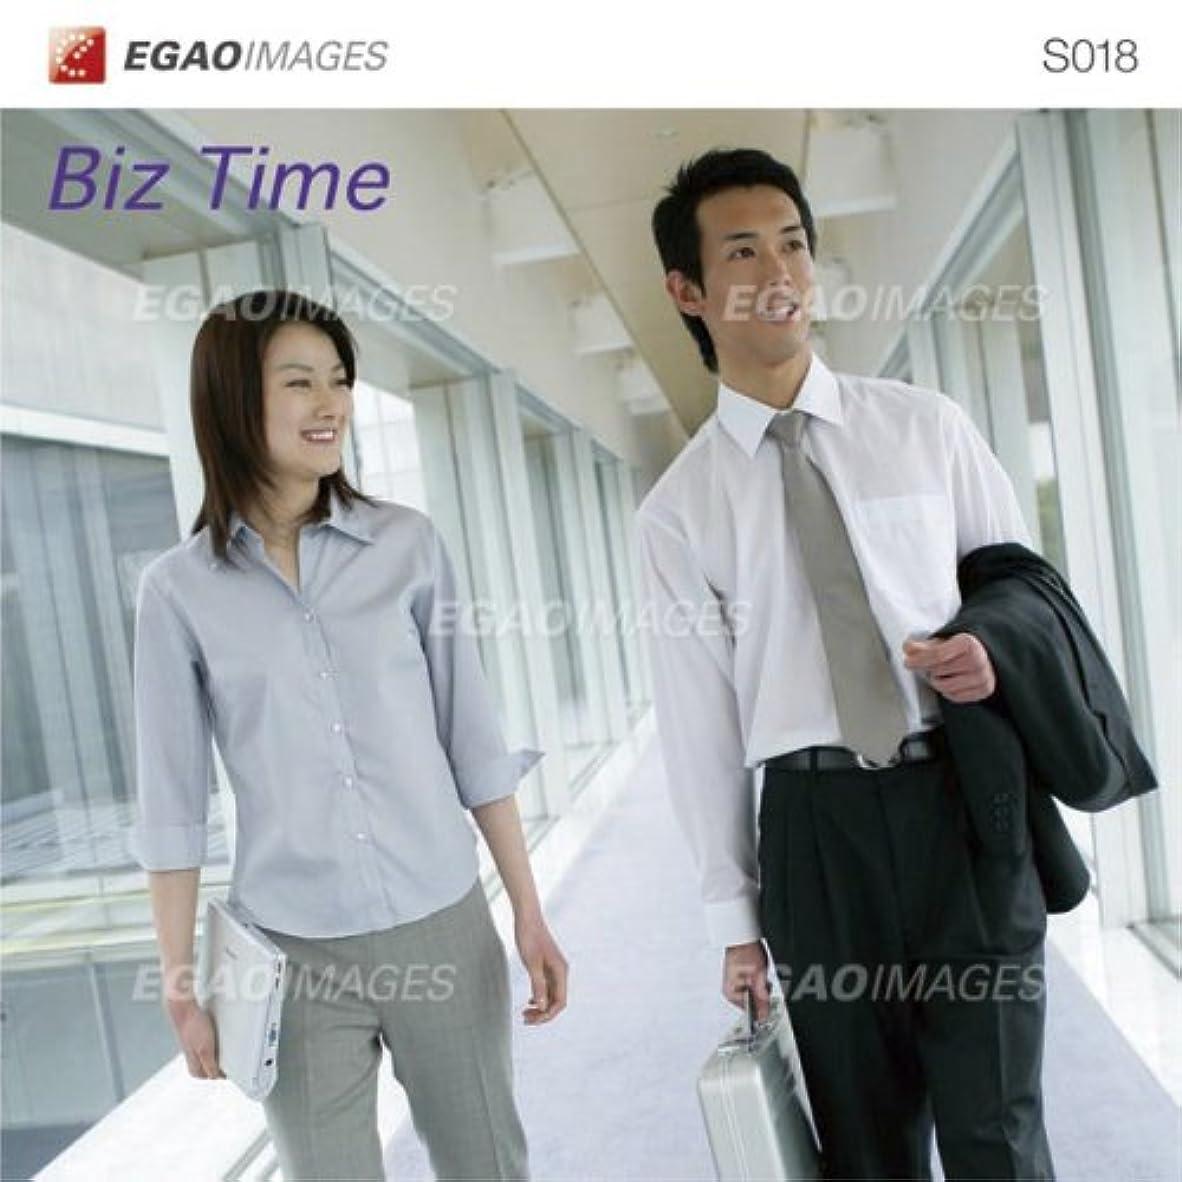 EGAOIMAGES S018 ビジネス「ビジネスタイム」